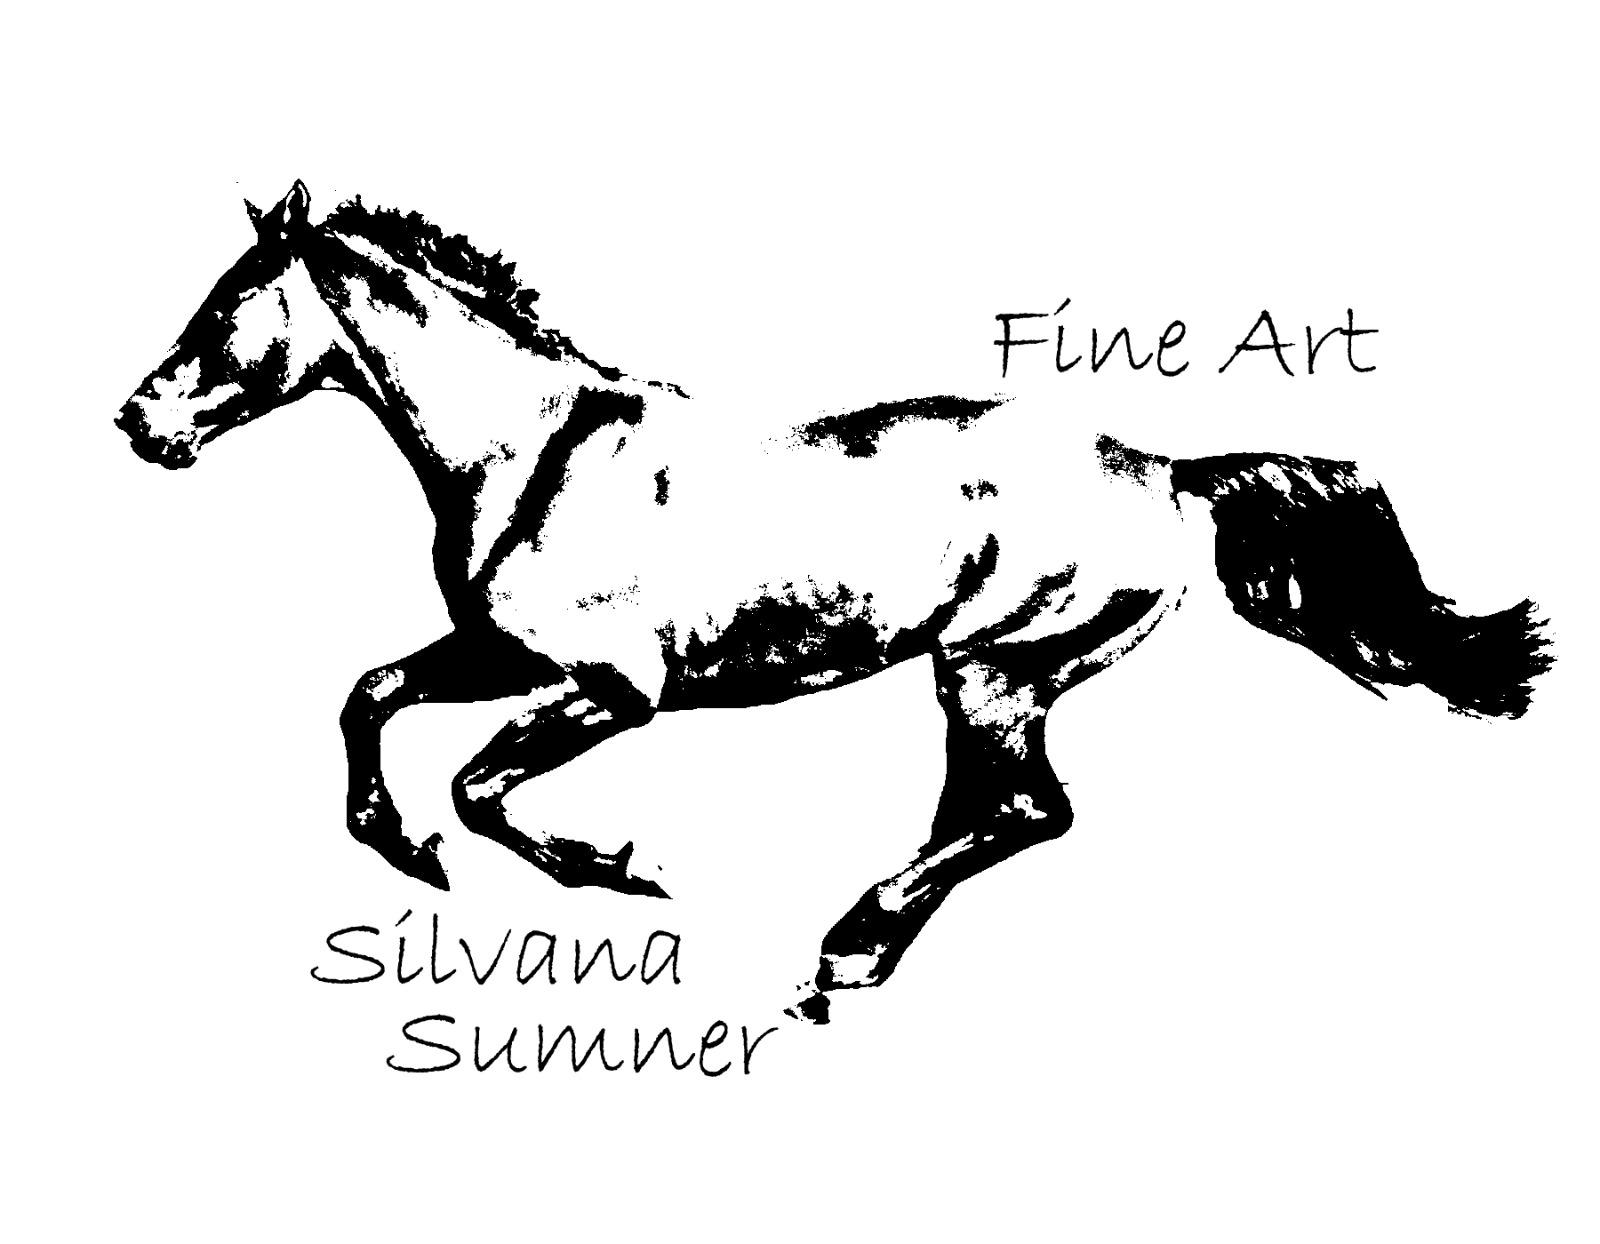 Silvana L Sumner Art